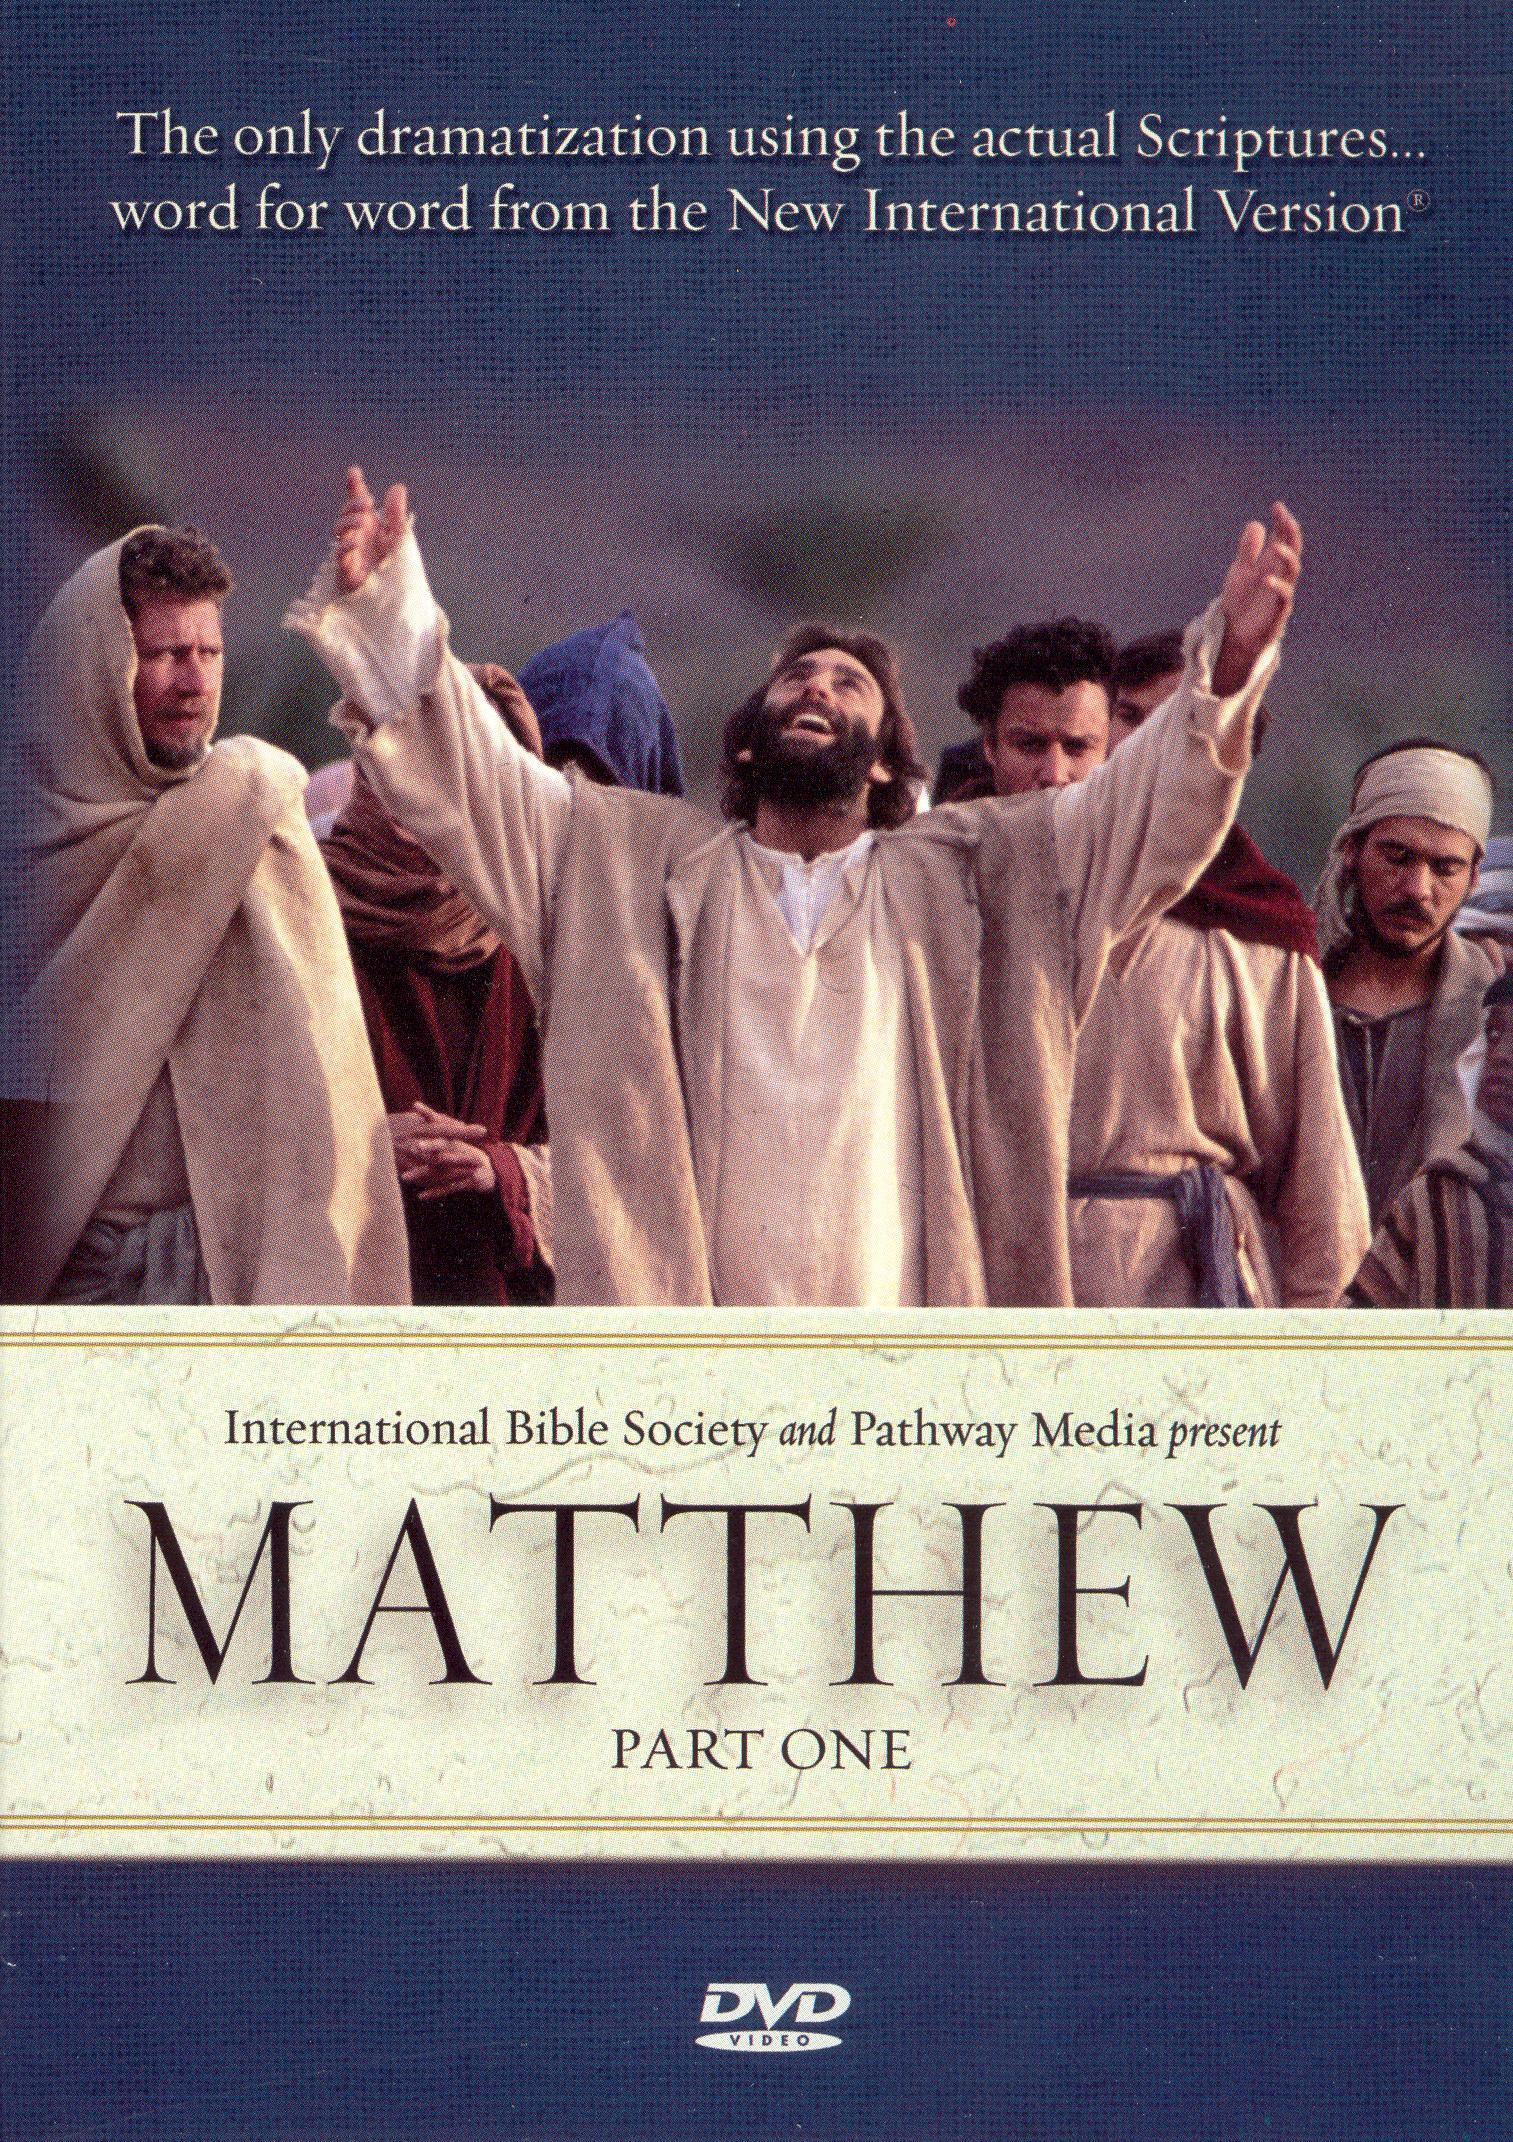 Matthew, Part 1